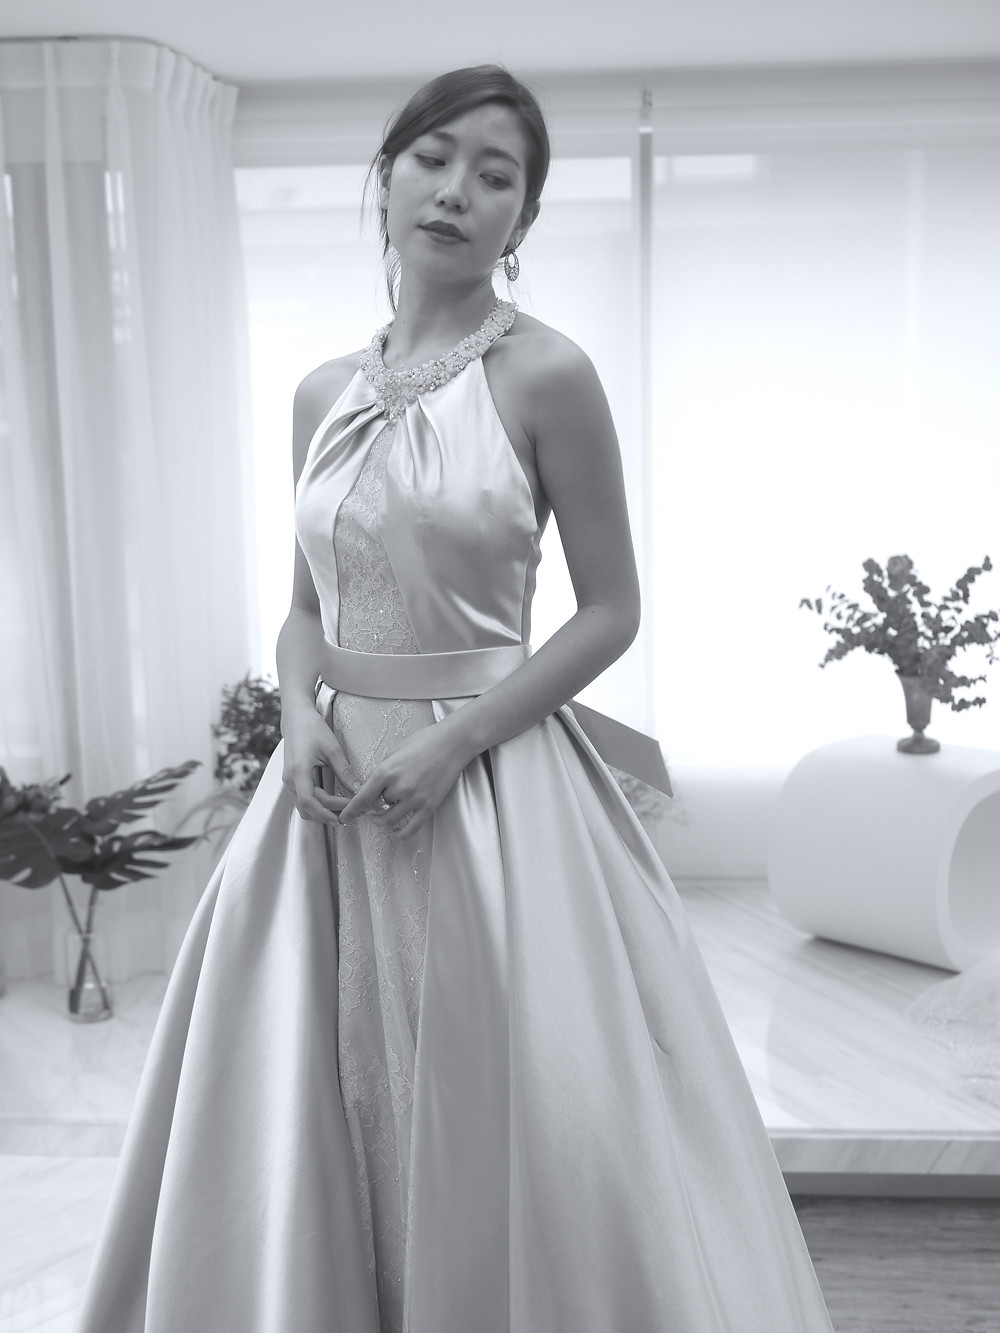 #經典削肩蓬裙款 #緞白紗 #優雅款